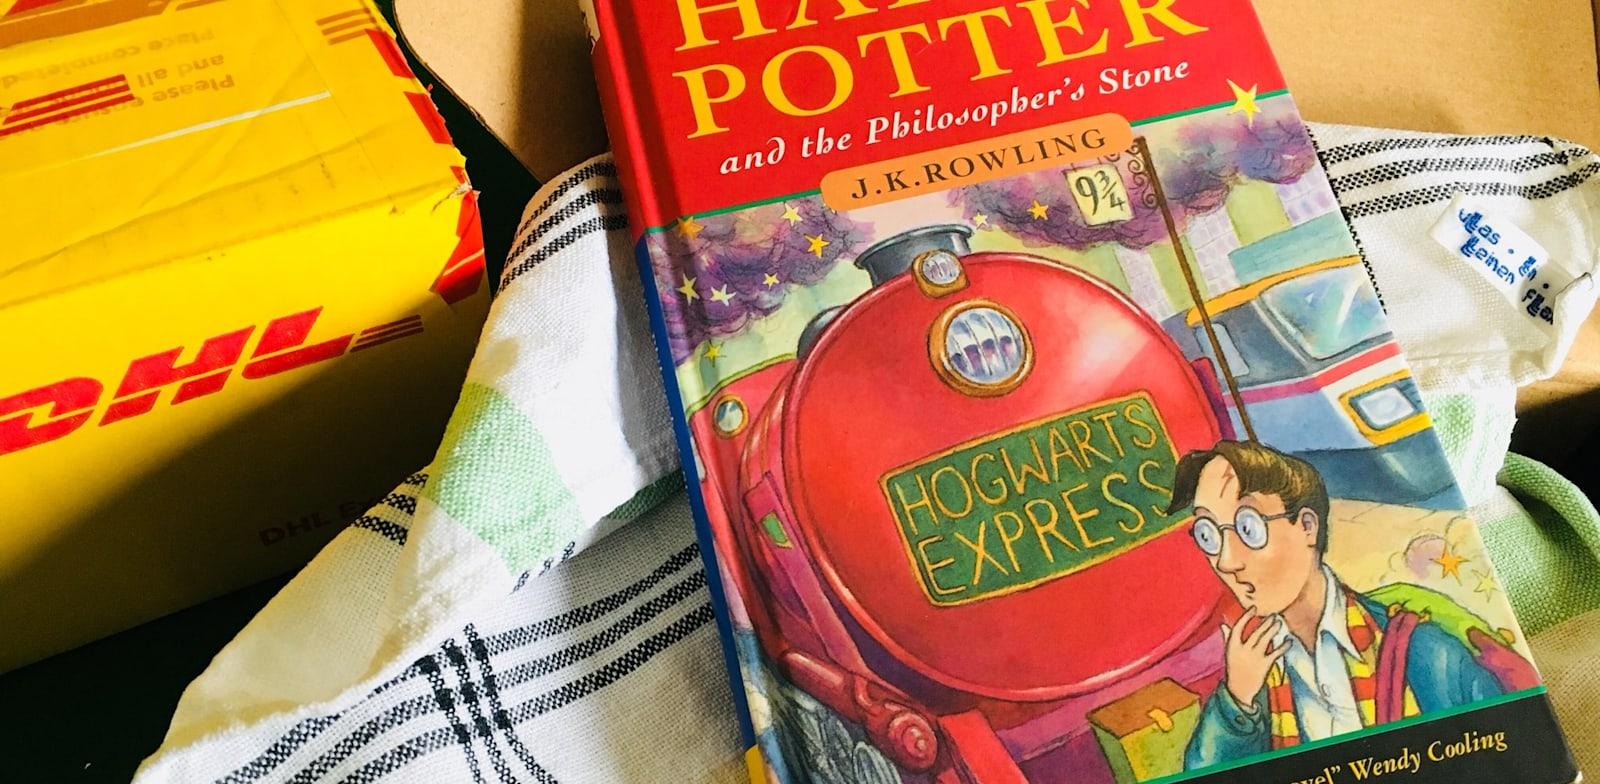 אחד מהעותקים מהמהדורה הראשונה של הארי פוטר ואבן החכמים / צילום: רויטרס